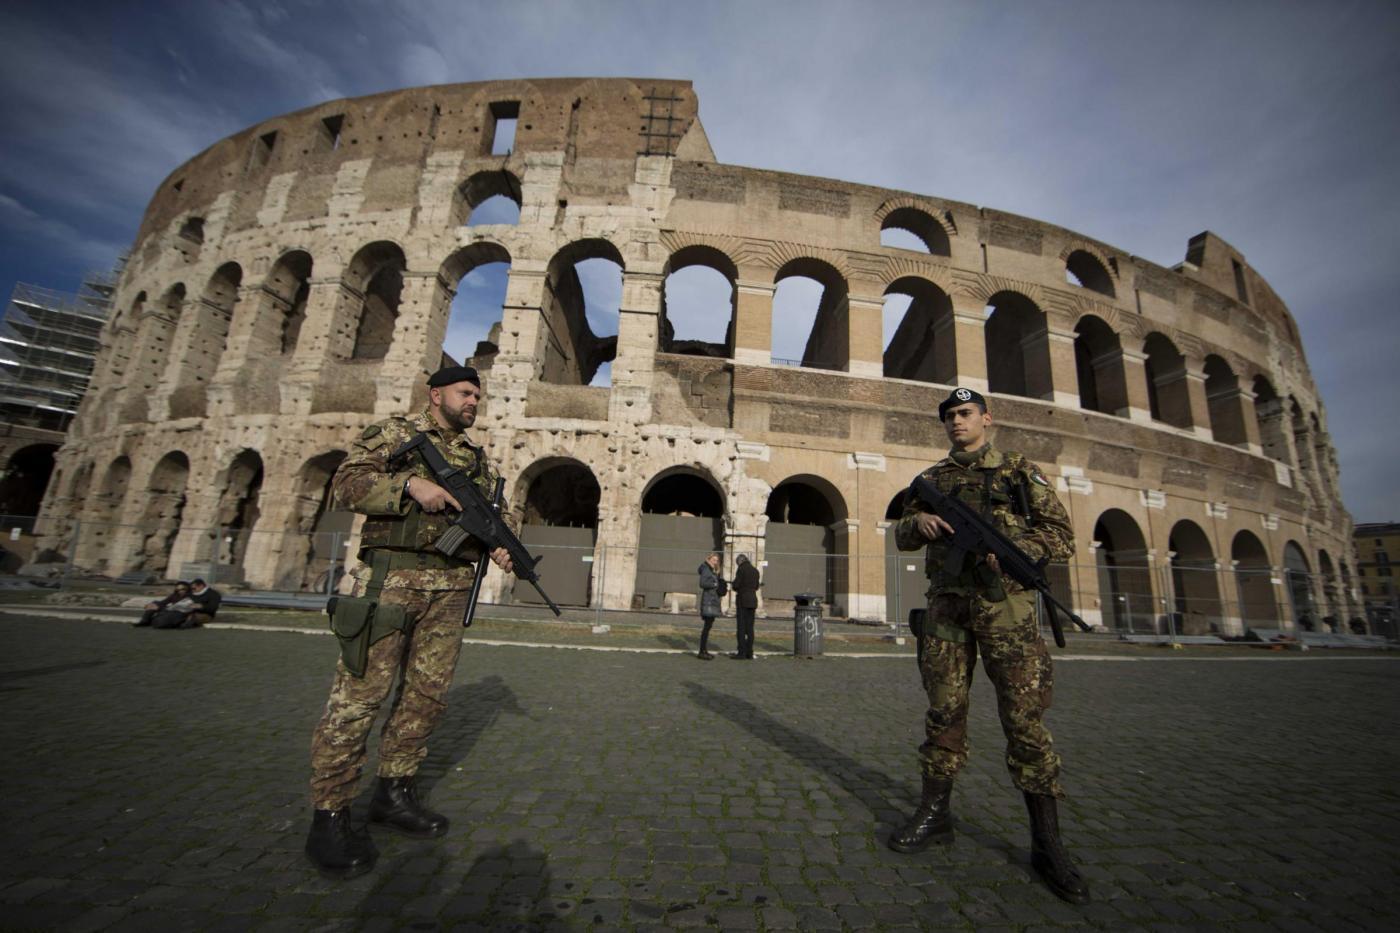 Sicurezza in Europa, la classifica delle città europee più pericolose